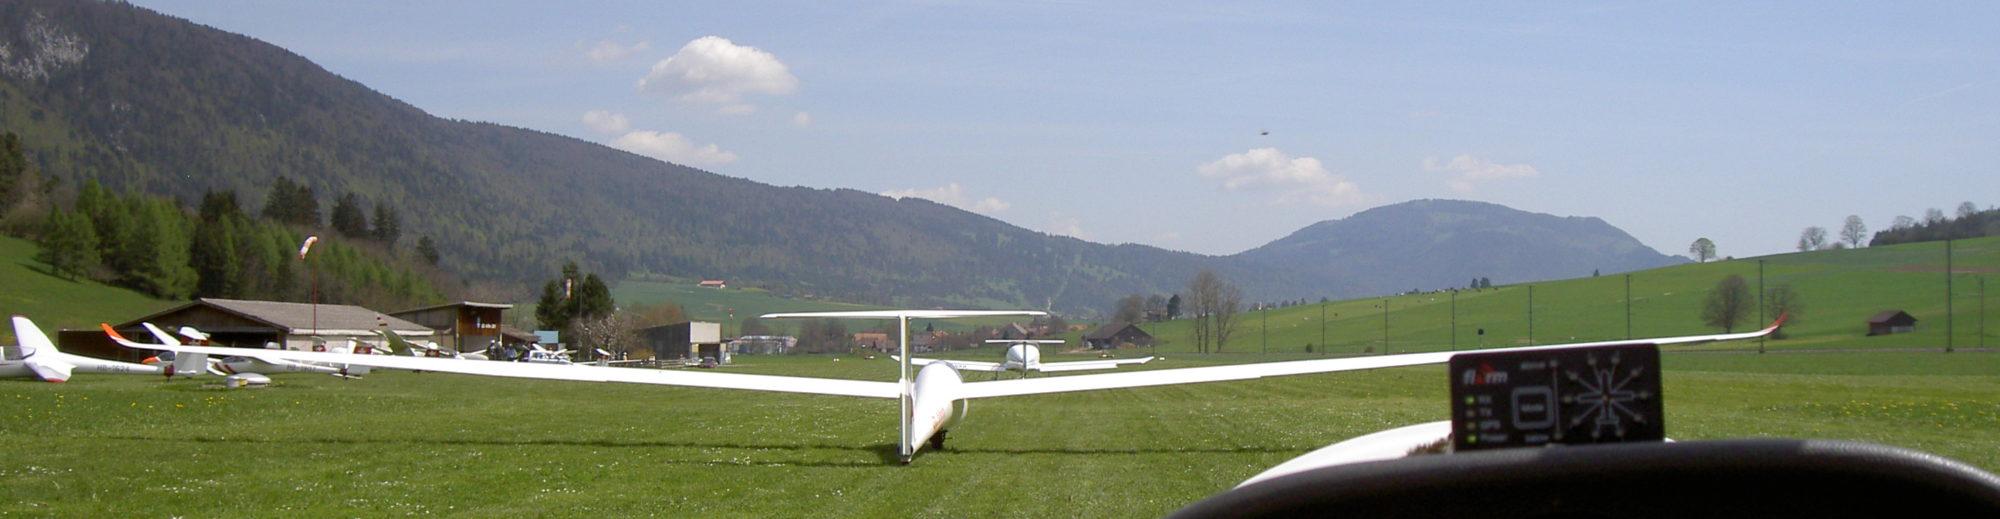 Segelflugkonferenz – Conférence de vol à voile 2017